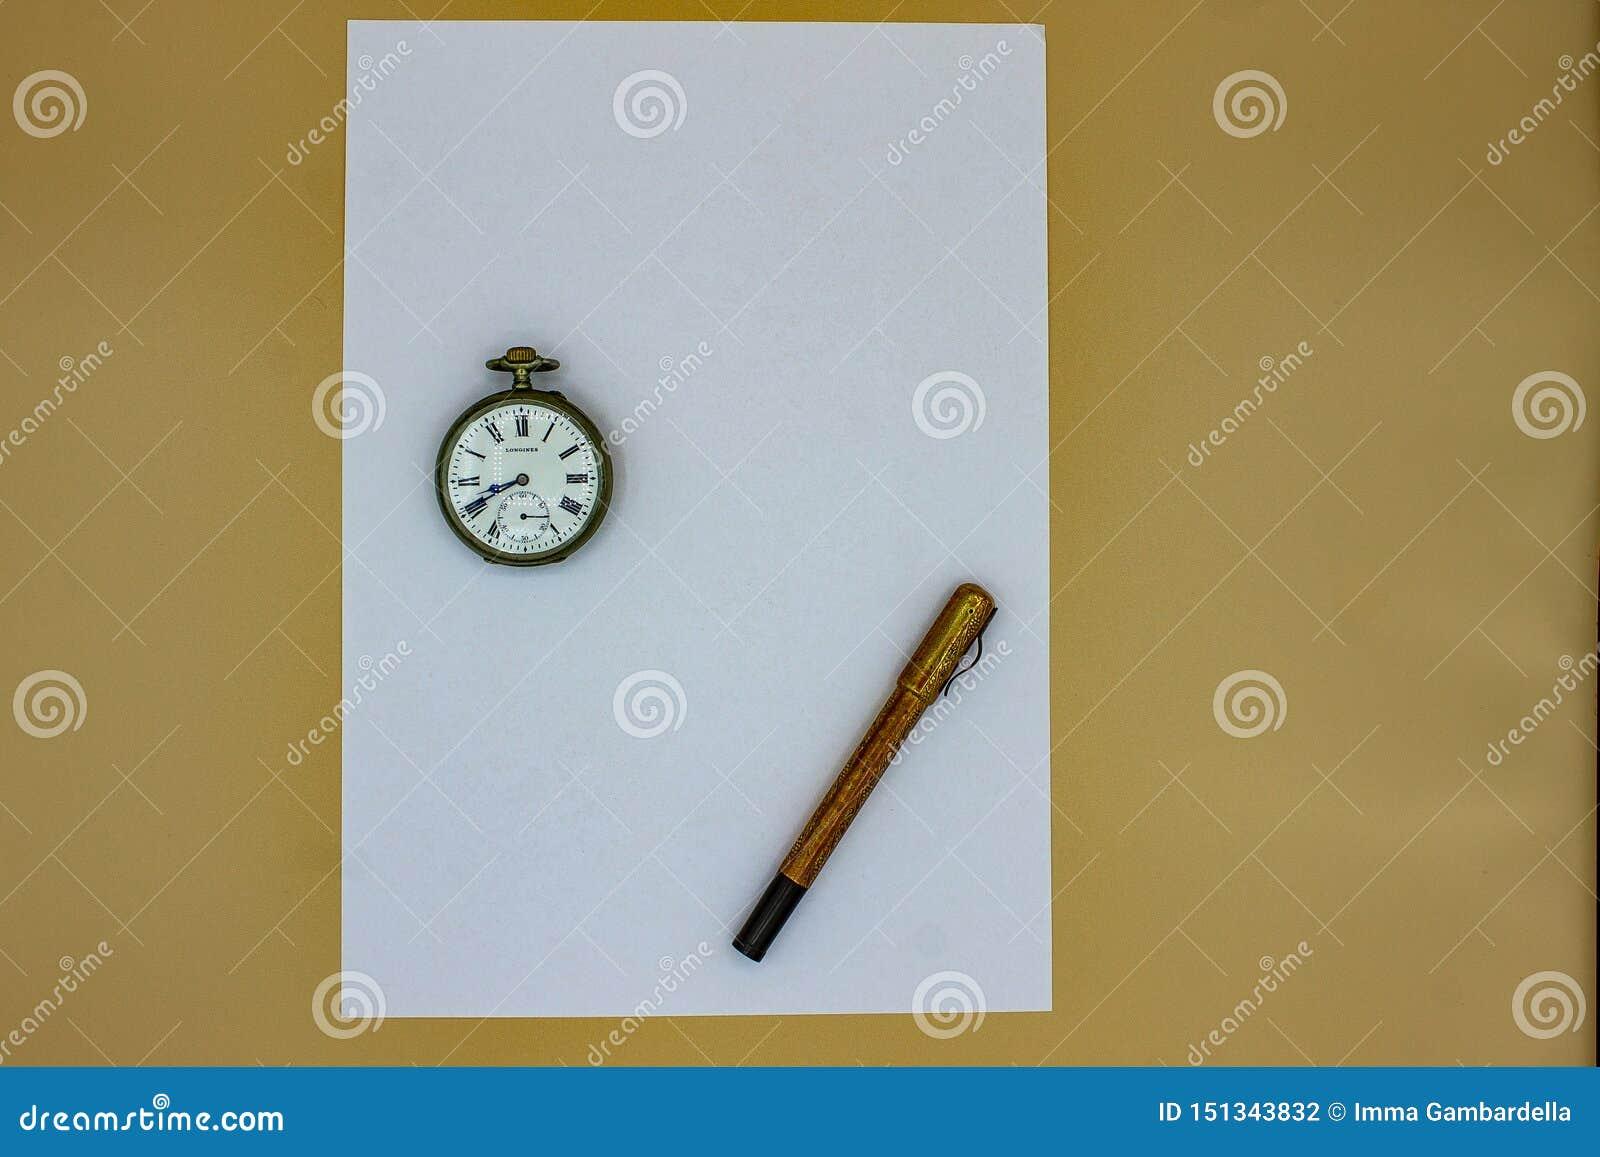 En una hoja blanca, una pluma del oro viejo y un reloj de bolsillo viejo La pluma y el reloj datan de los 1900s tempranos, de hec